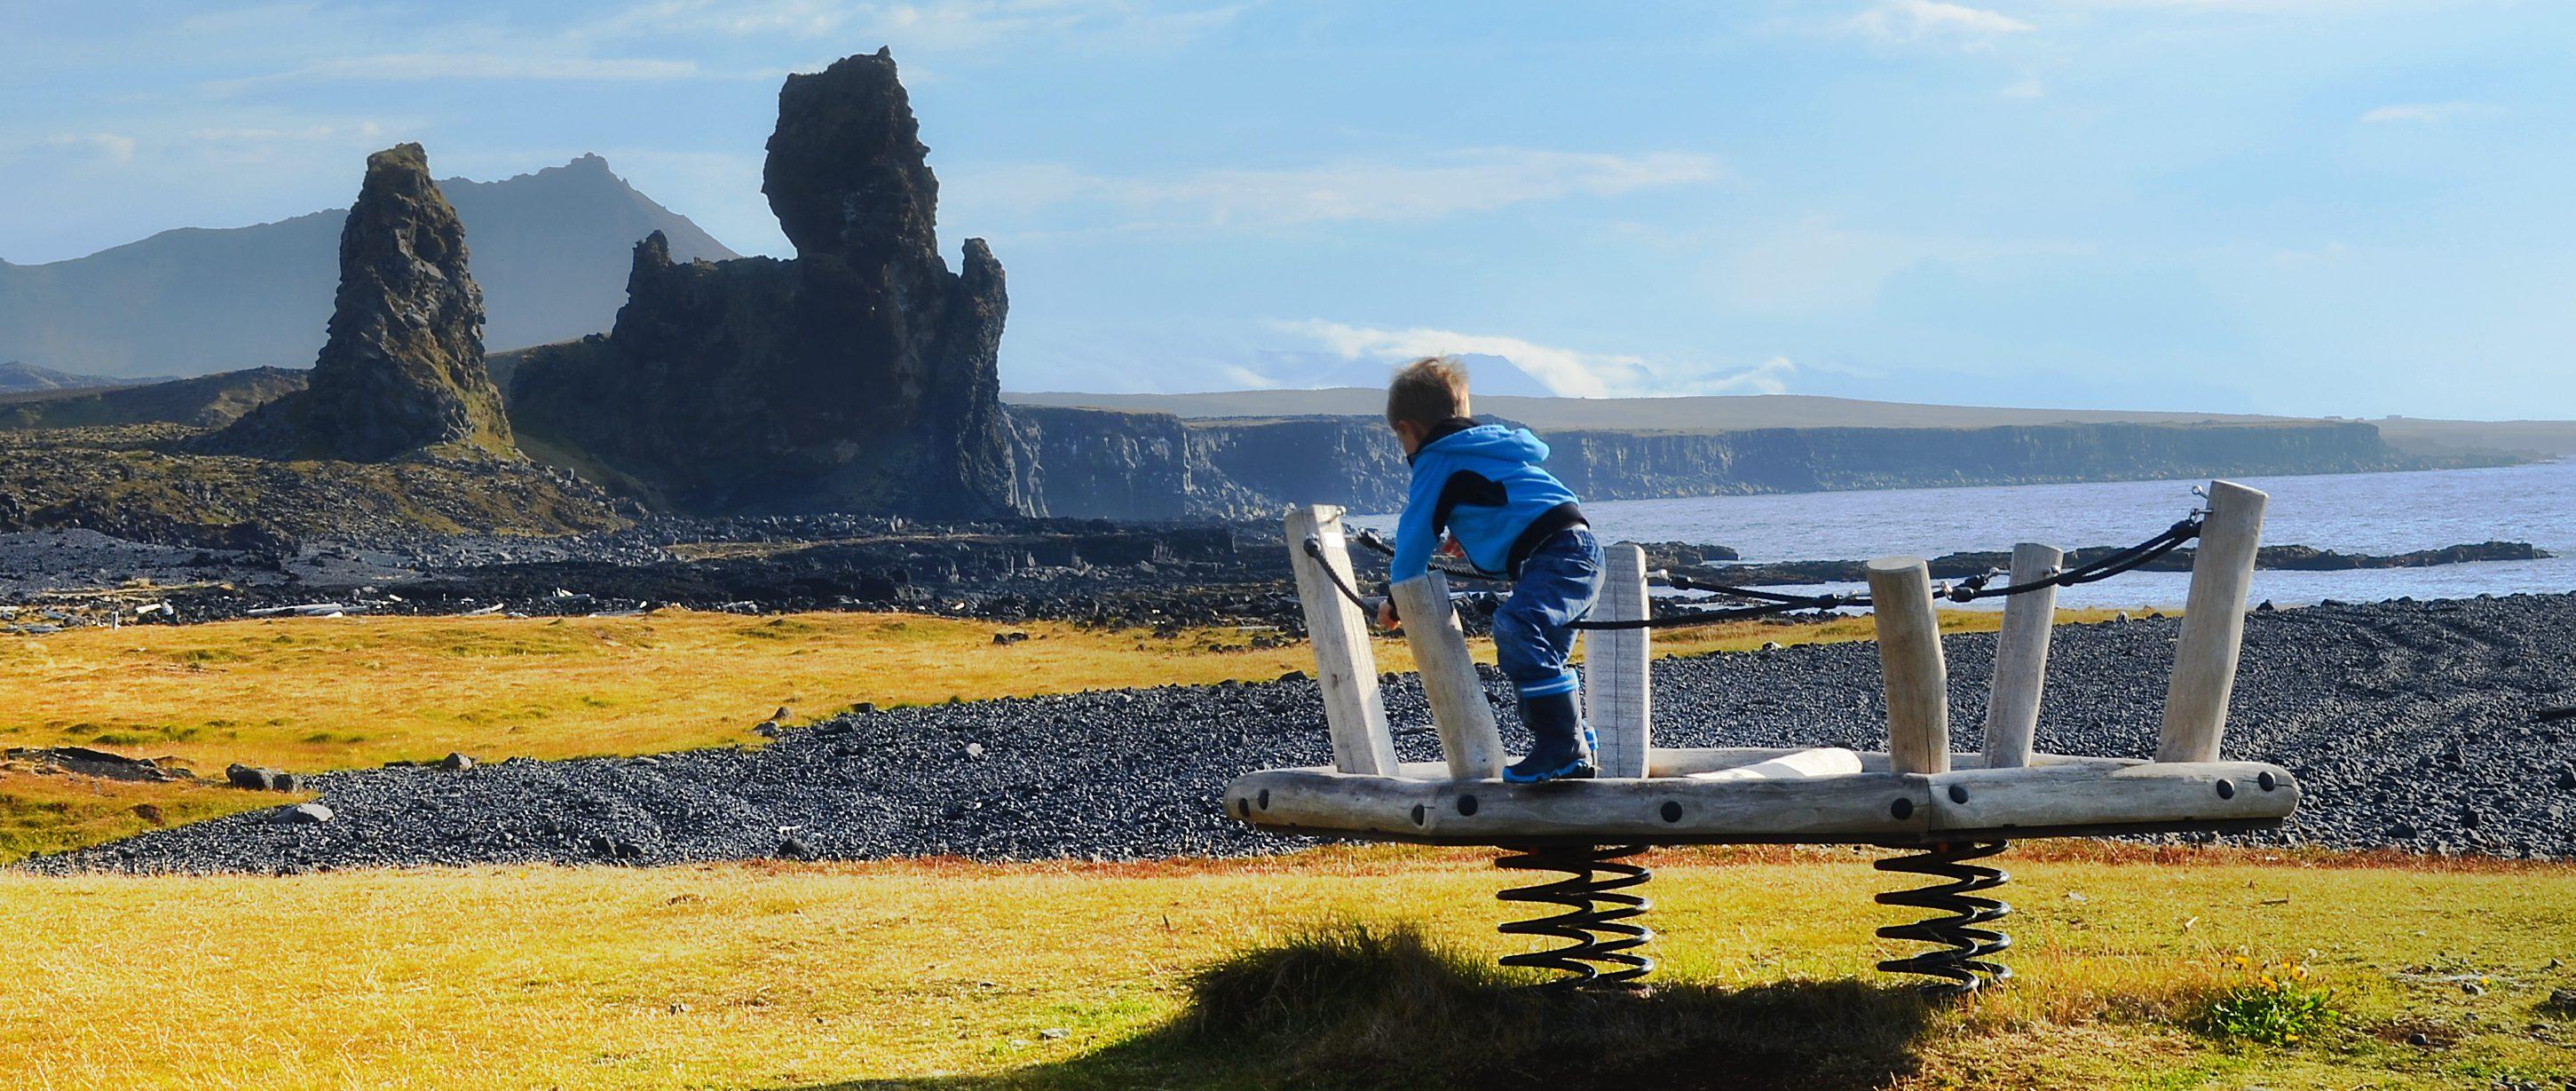 Kind auf einem Spielplatz am Meer mit Felsenküste in Island